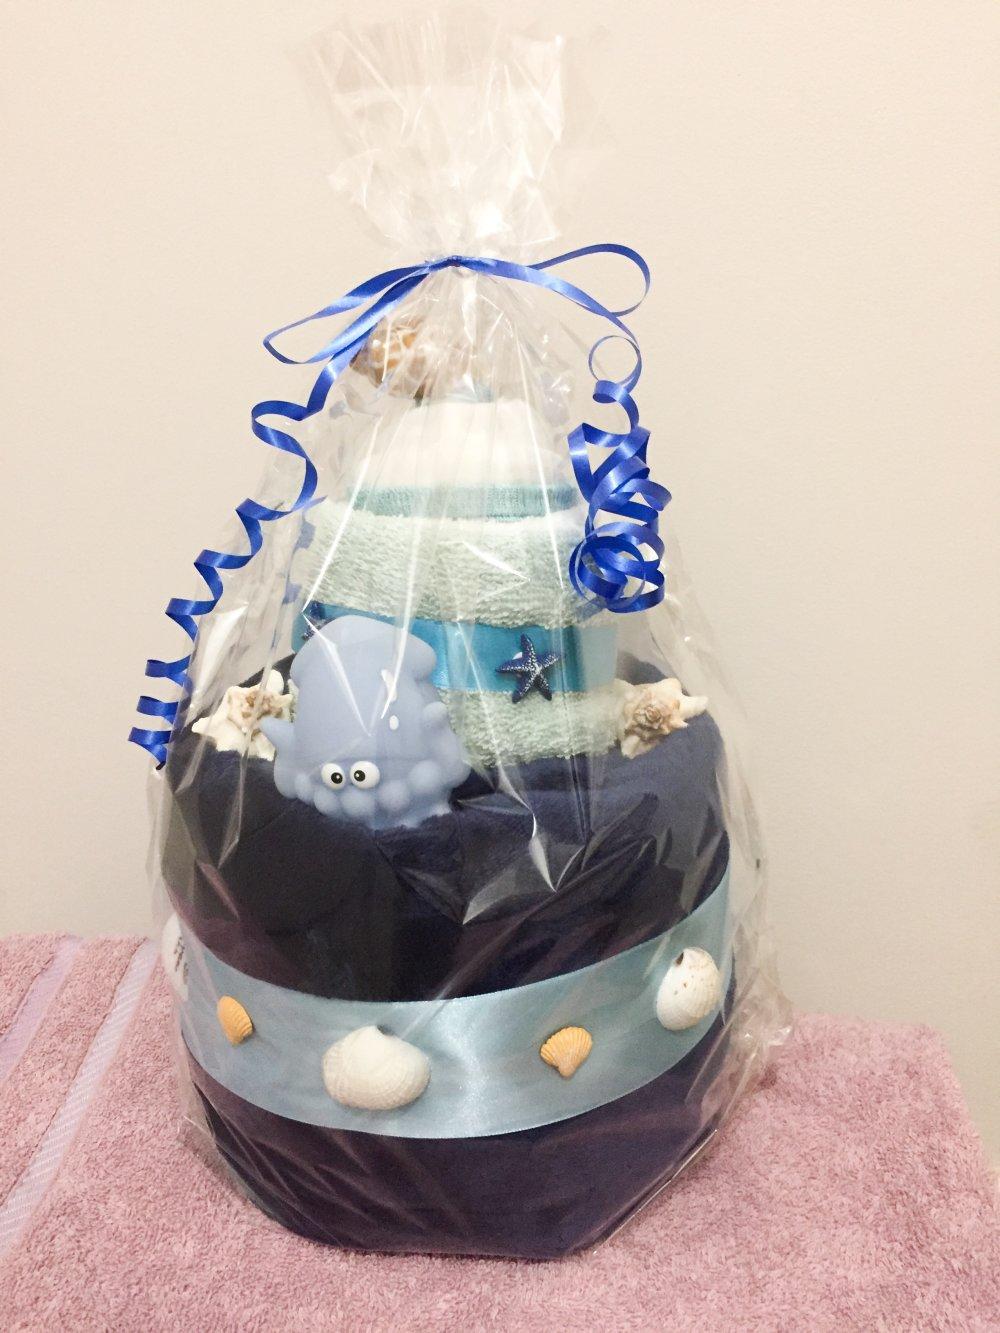 Cadeau naissance original - Gâteau textiles jusque 24 mois - Surprise babyshower - Modèle Mer/Océan